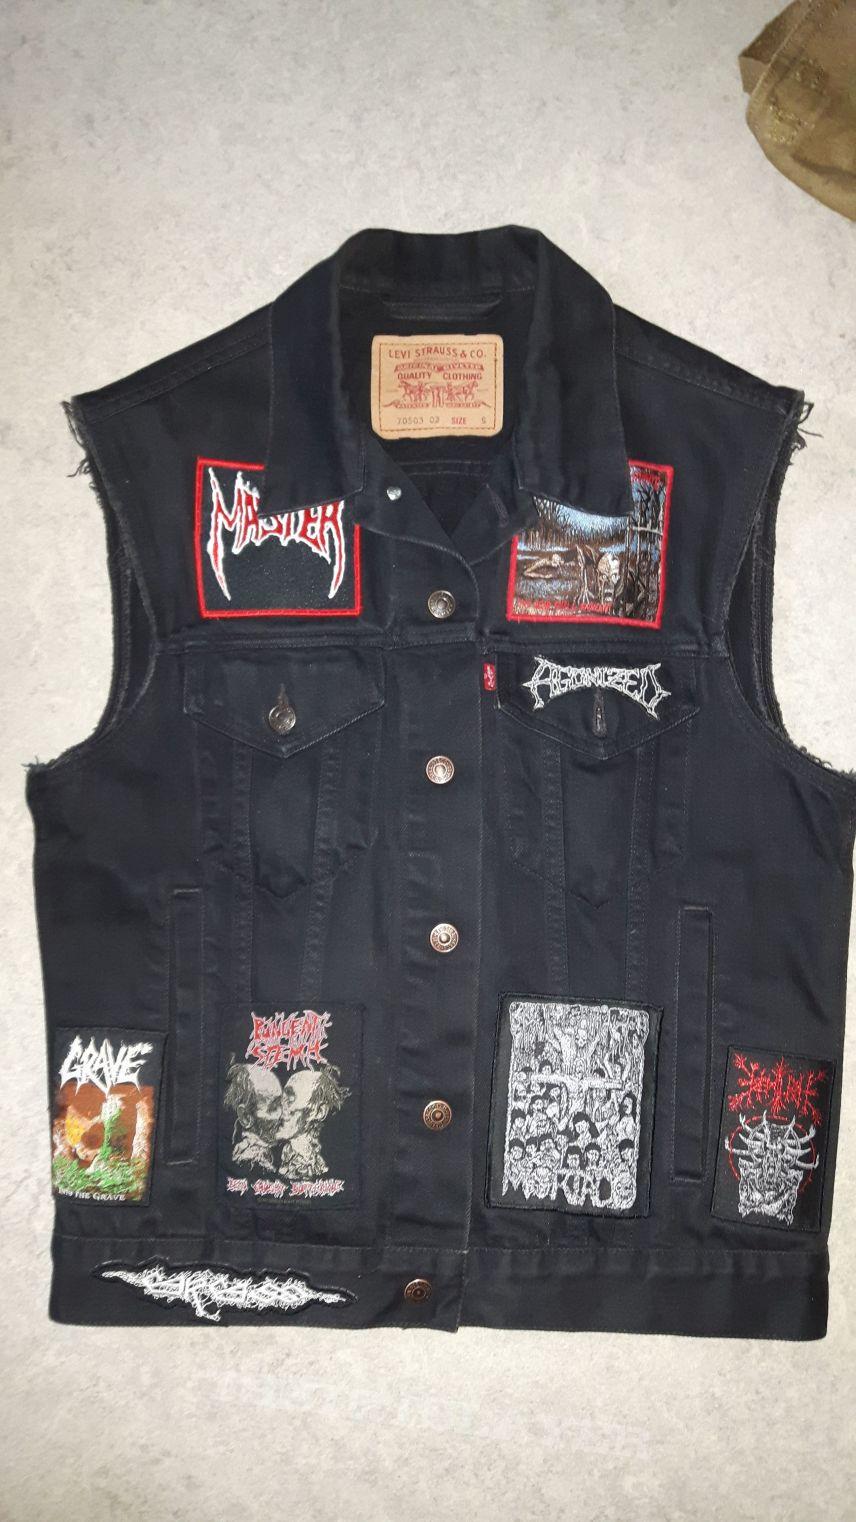 DM vest in progress